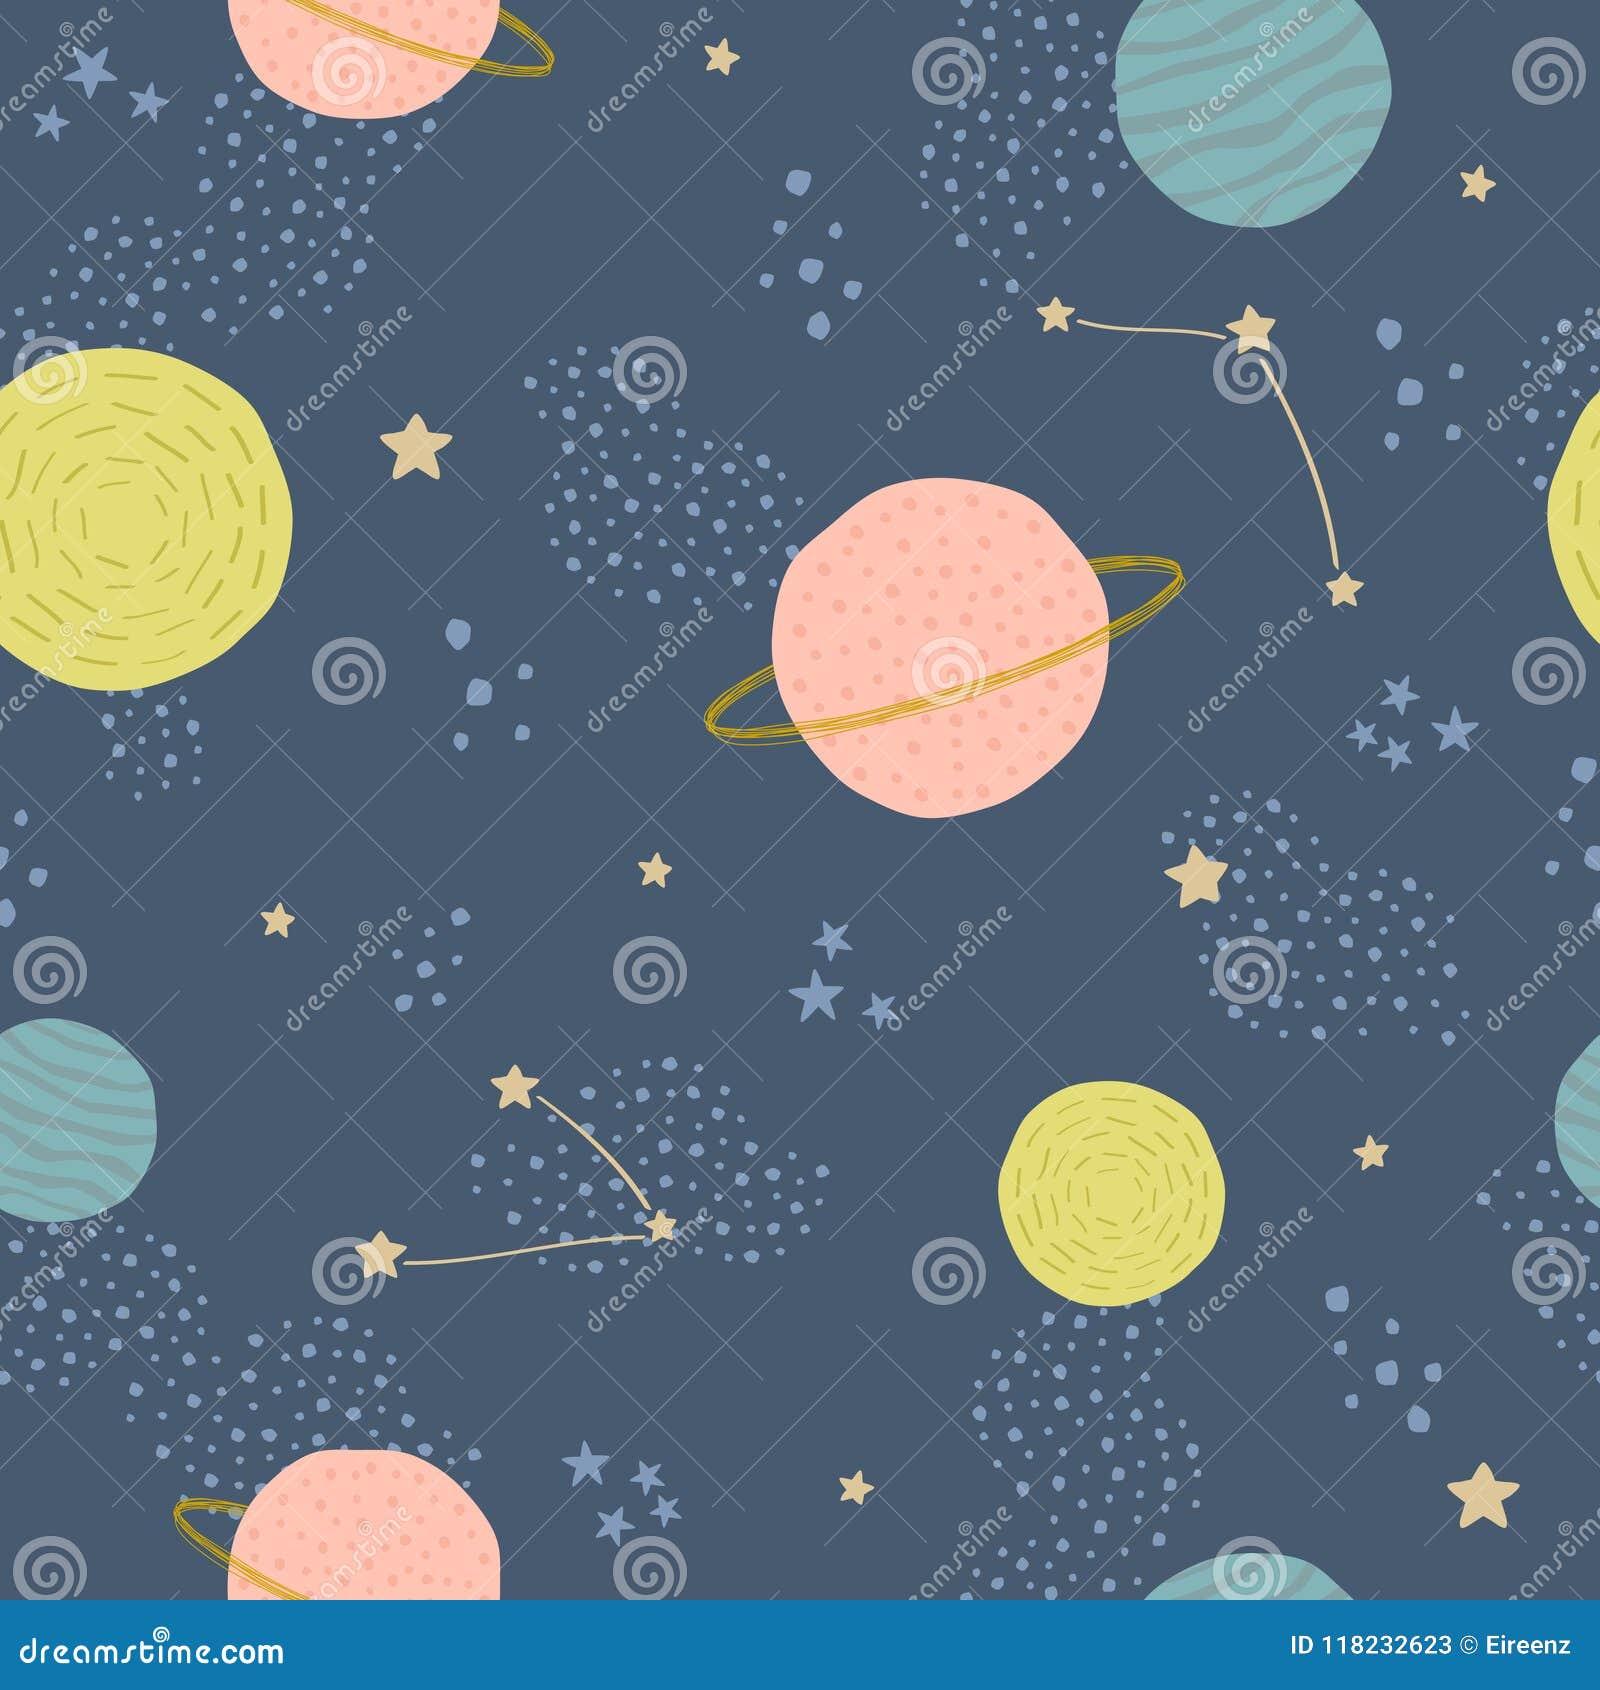 Modello puerile senza cuciture di vettore con gli elementi dello spazio: stelle, pianeti, asteroidi